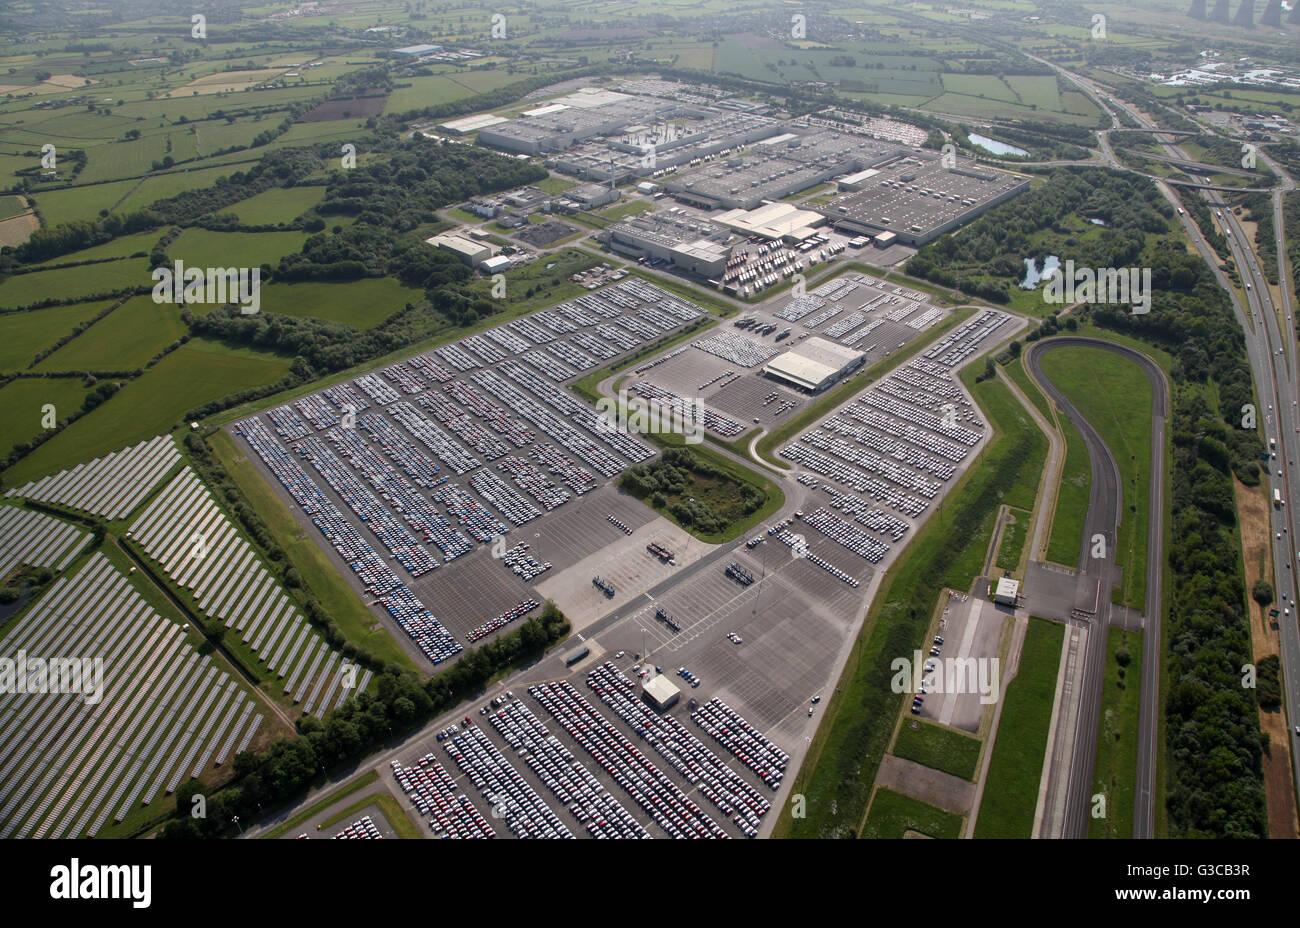 Vue aérienne de la voiture Toyota Motor Manufacturing plant production bear Derby, Royaume-Uni Photo Stock